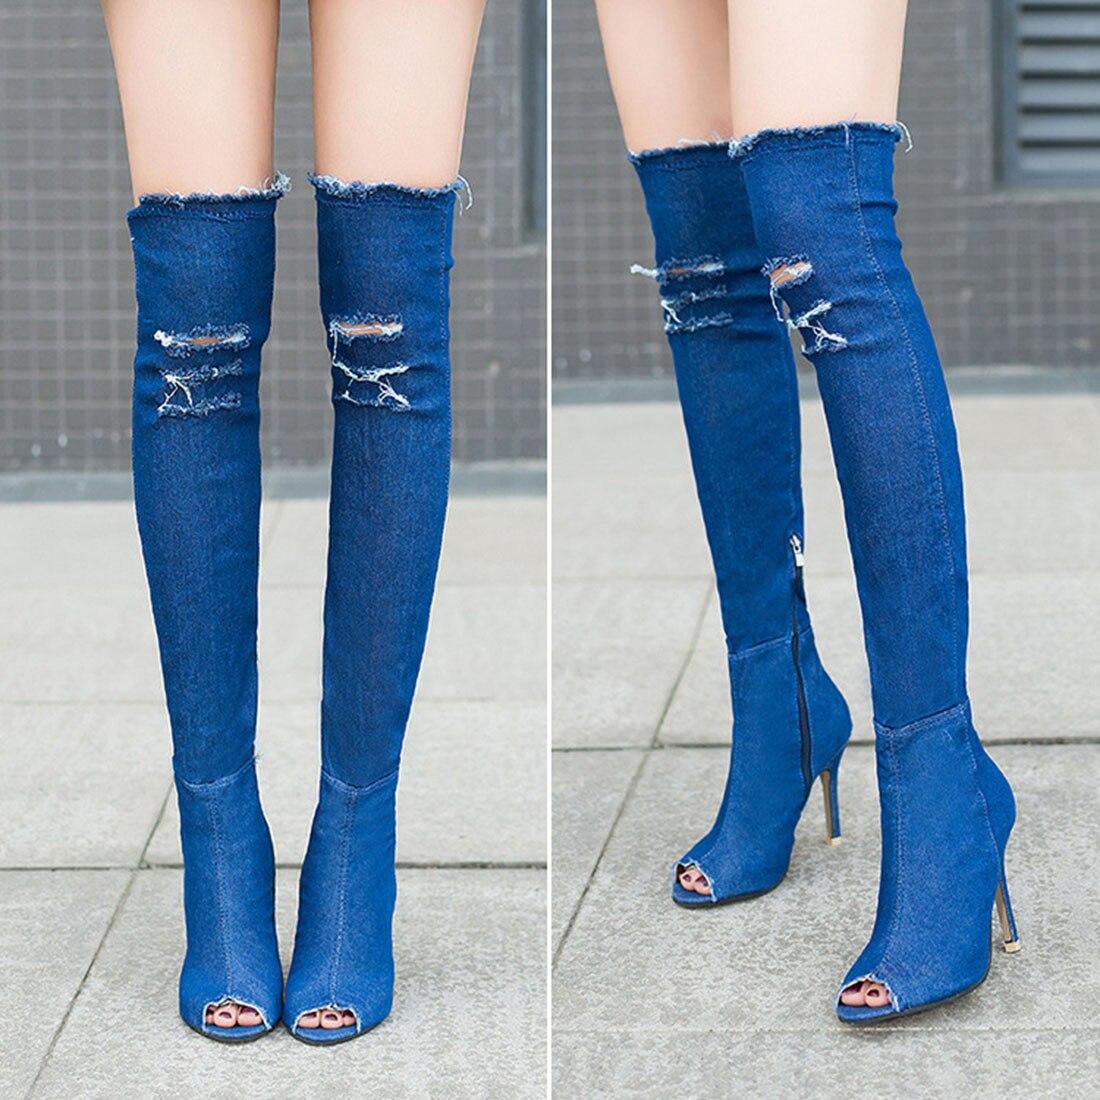 Femmes Mode Cuissardes Denim ouvert Toe Shoes Stiletto Bottes Lady Casual Cuissardes Talons minces,bleu ciel,6.5